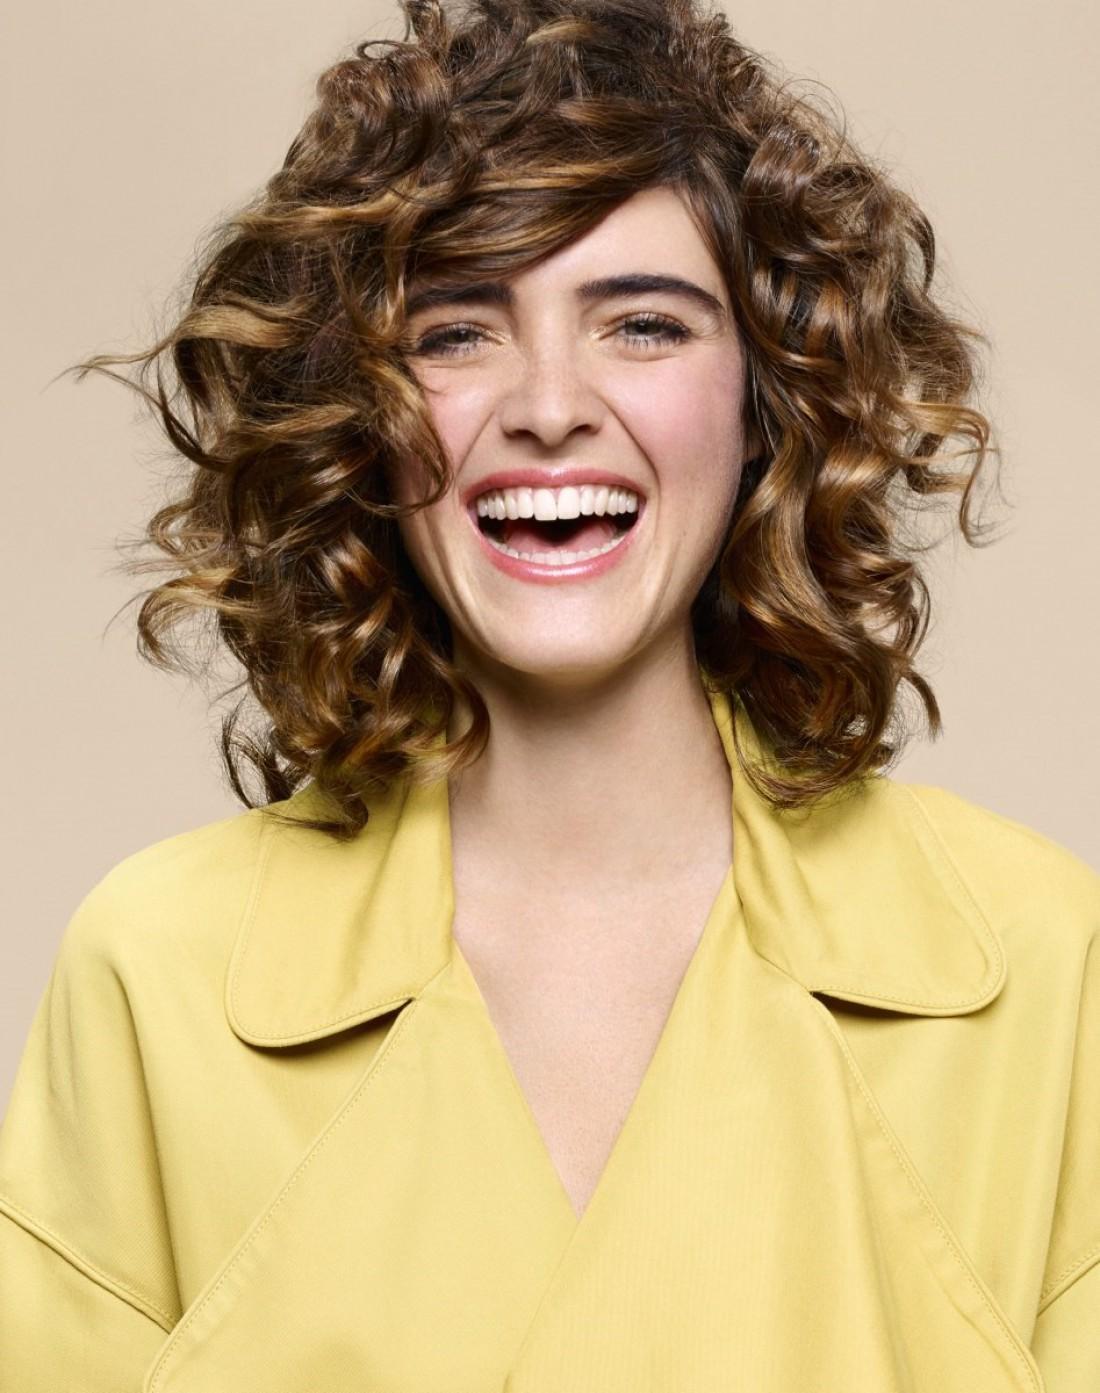 Главные hair-ошибки, которые старят: мелкие кудряшки